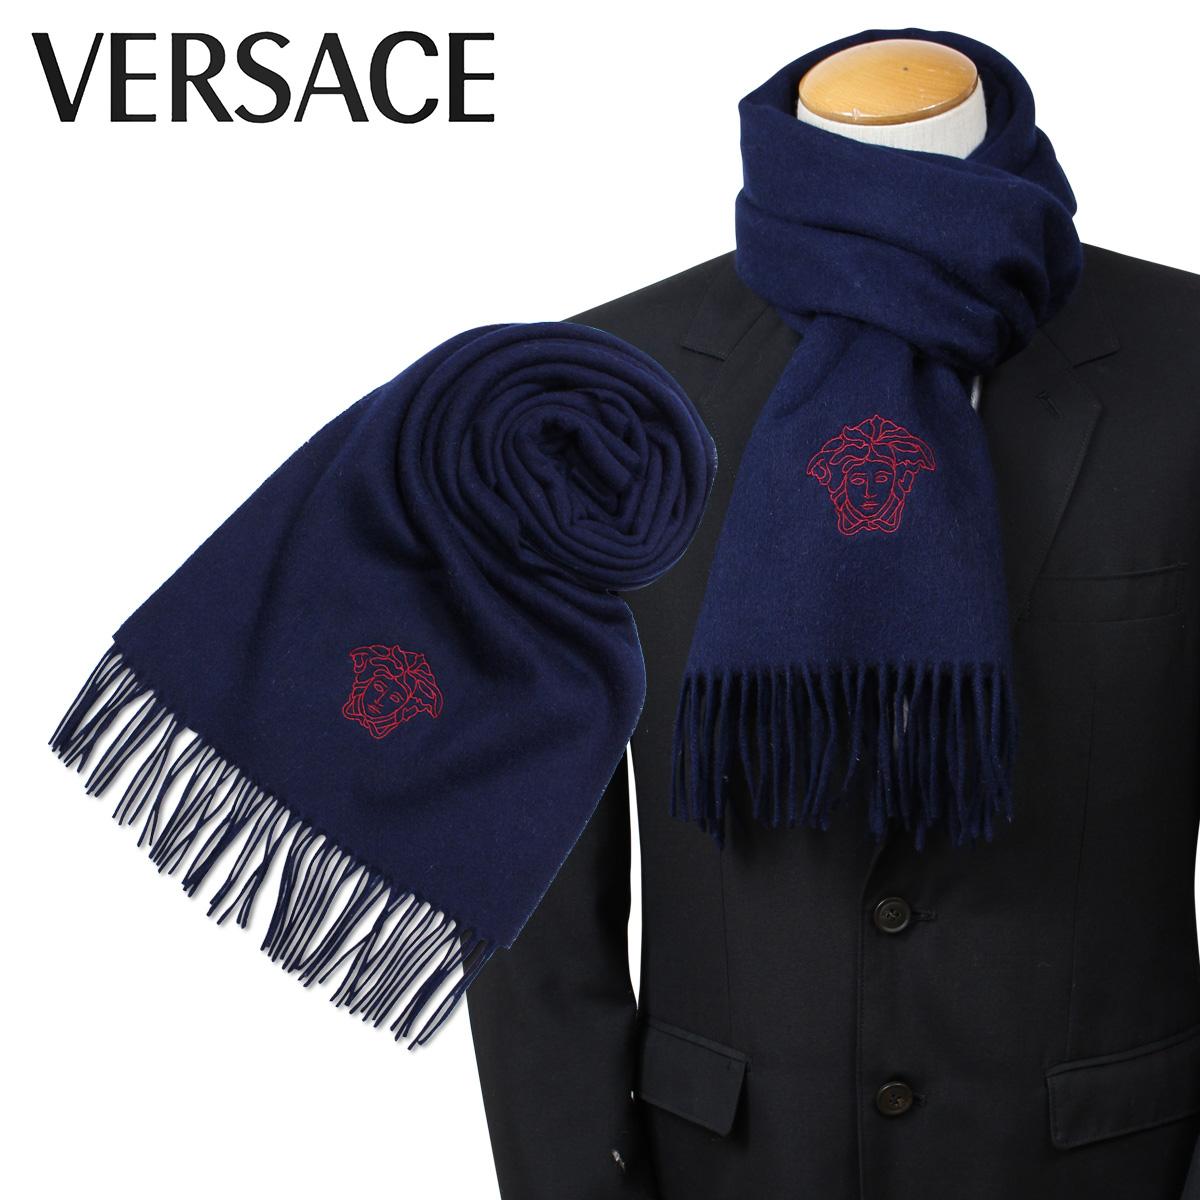 VERSACE 2461 ベルサーチ マフラー ヴェルサーチ メンズ レディース ウール イタリア製 カジュアル ビジネス ネイビー